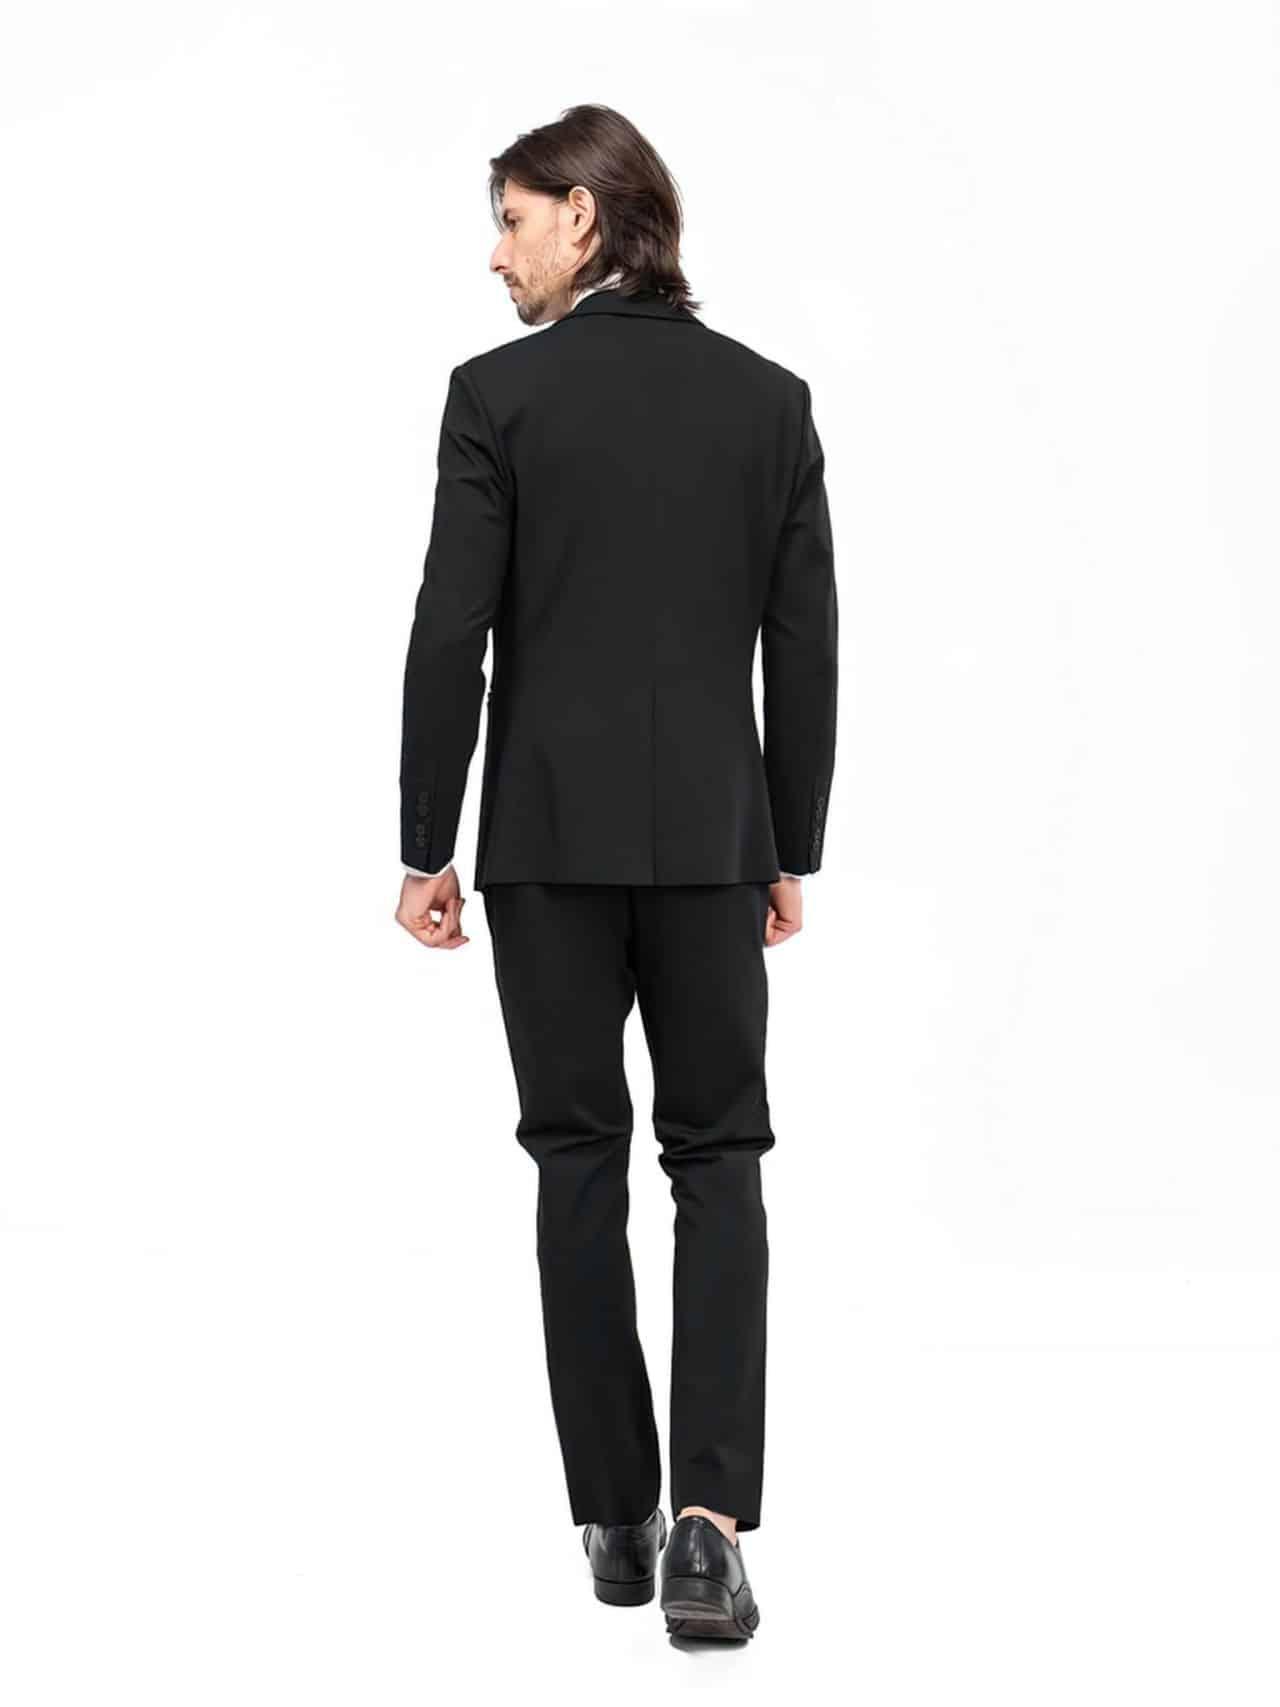 xsuit 3 jacket